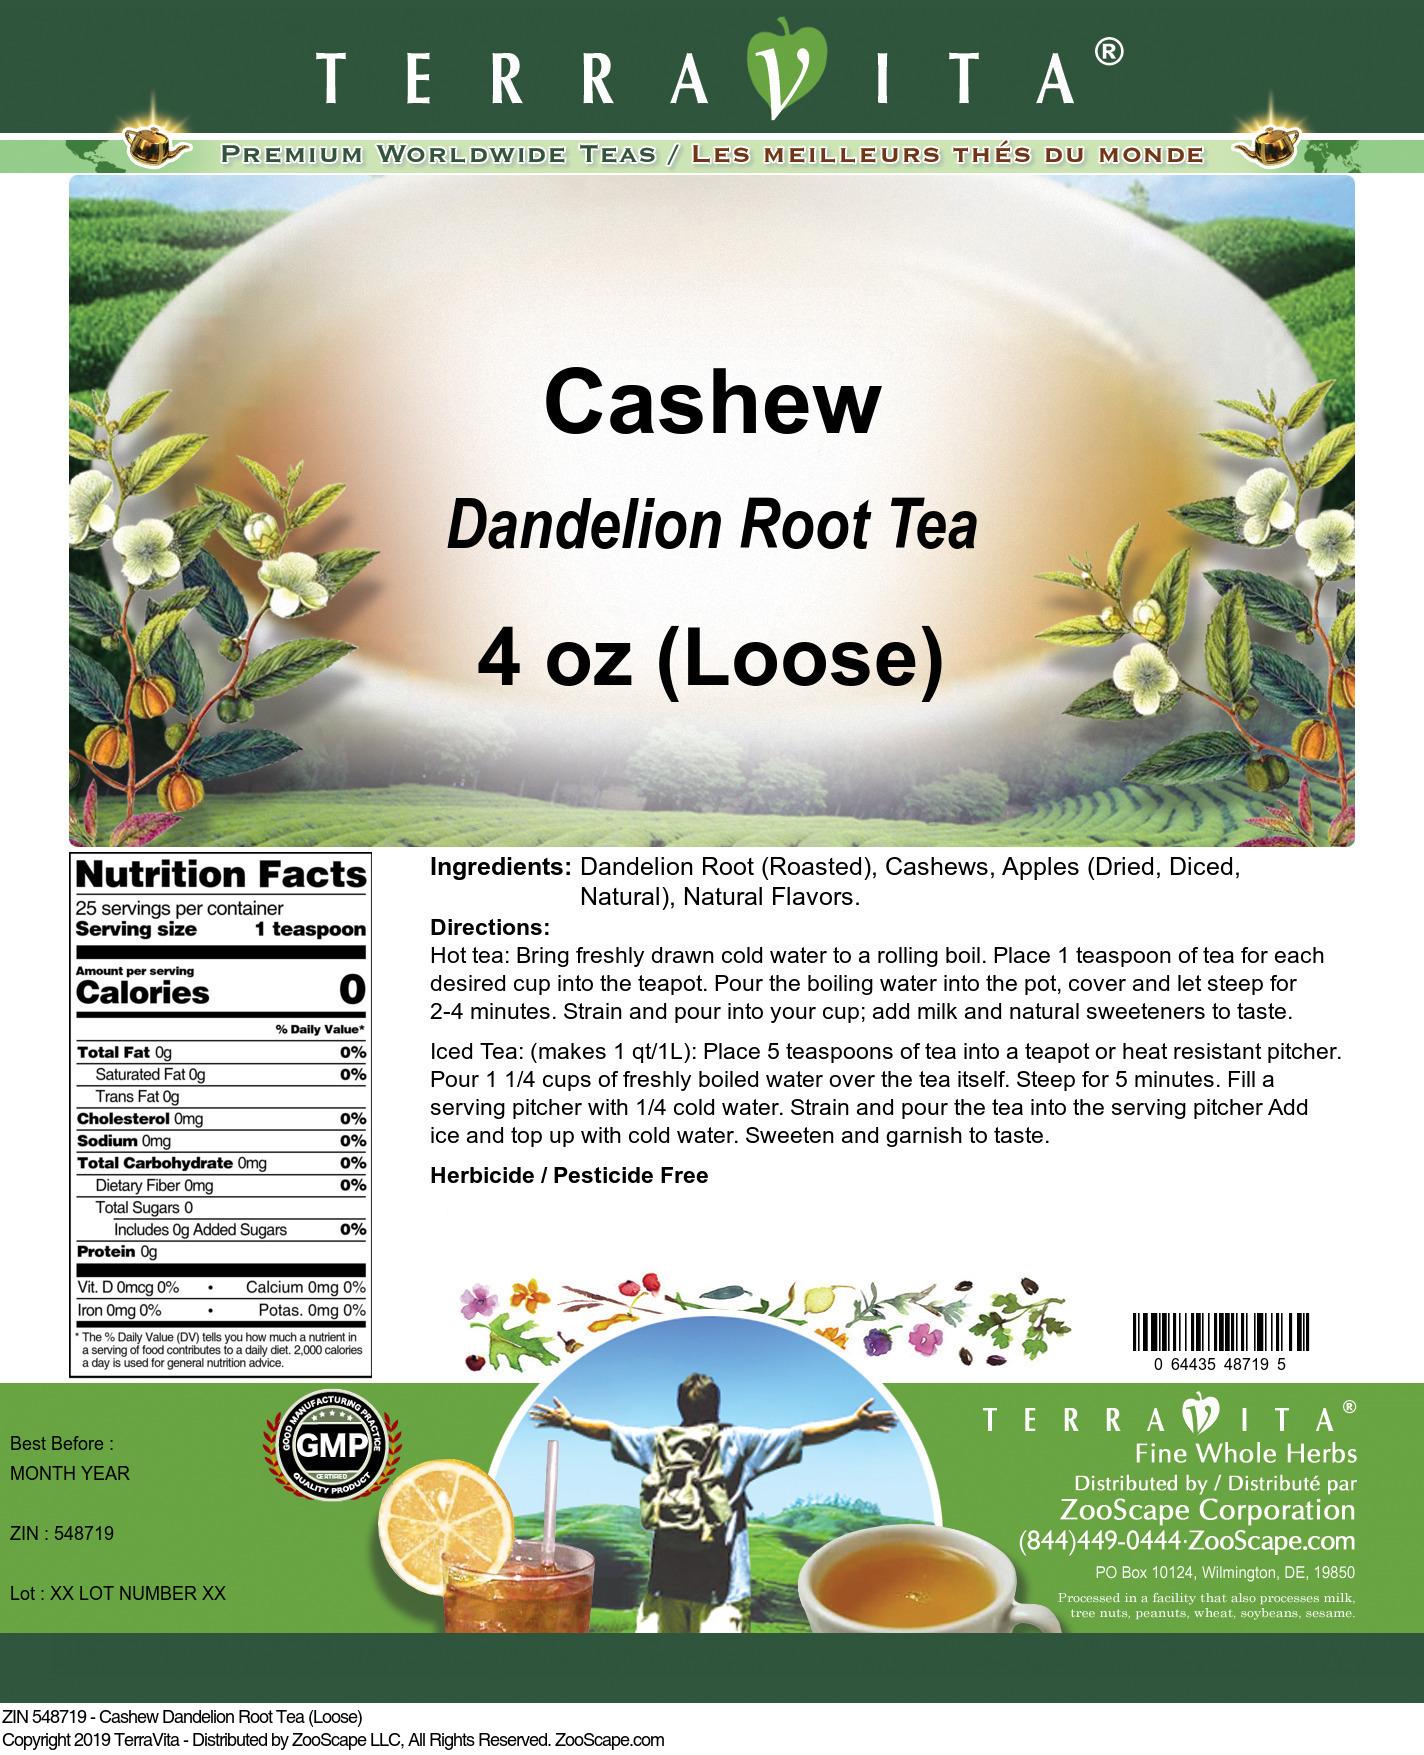 Cashew Dandelion Root